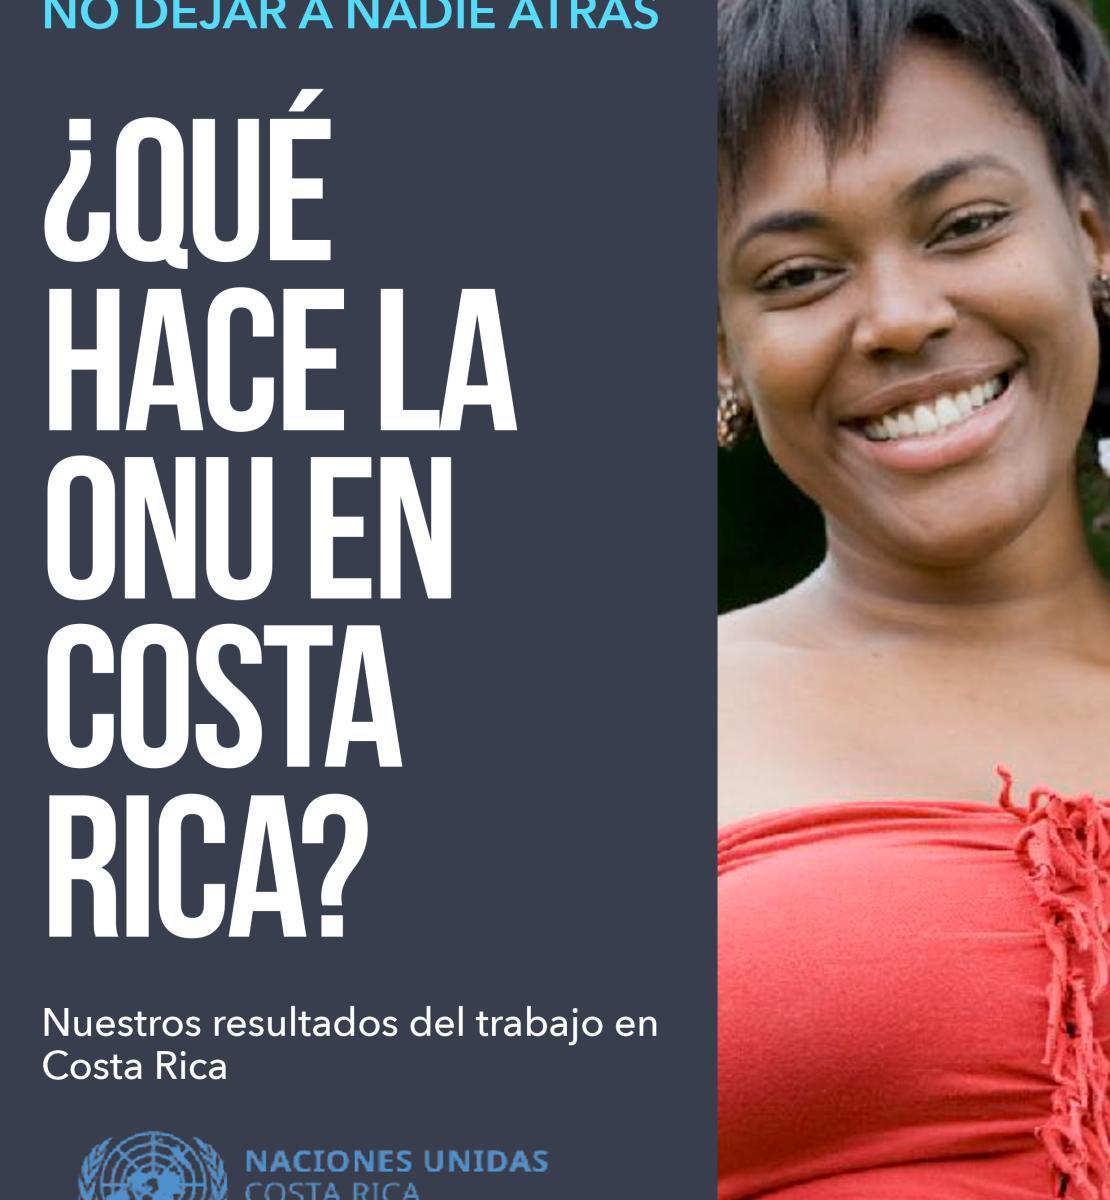 يظهر الغلاف عنوان التقرير على الجانب الأيسر من الصفحة، مقابل صورة امرأة شابة ترتدي قميصًا أحمر وتبتسم للكاميرا.